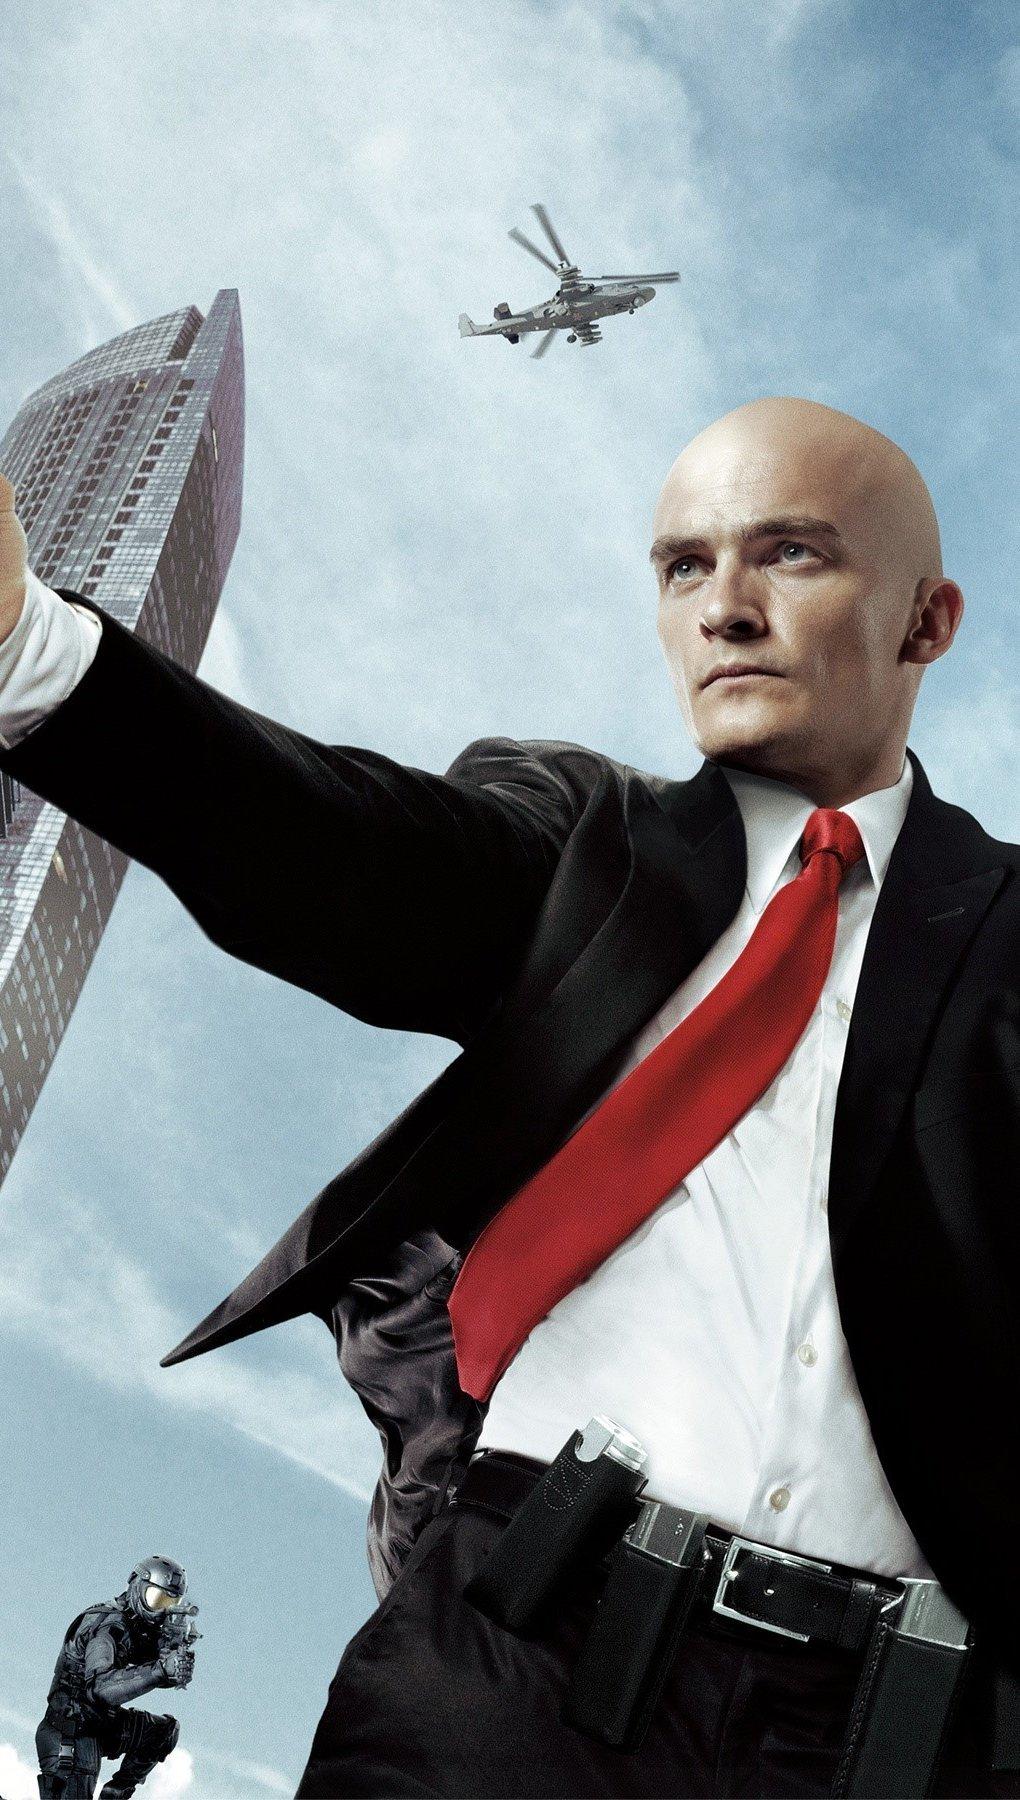 Fondos de pantalla Película Hitman Agent 47 Vertical